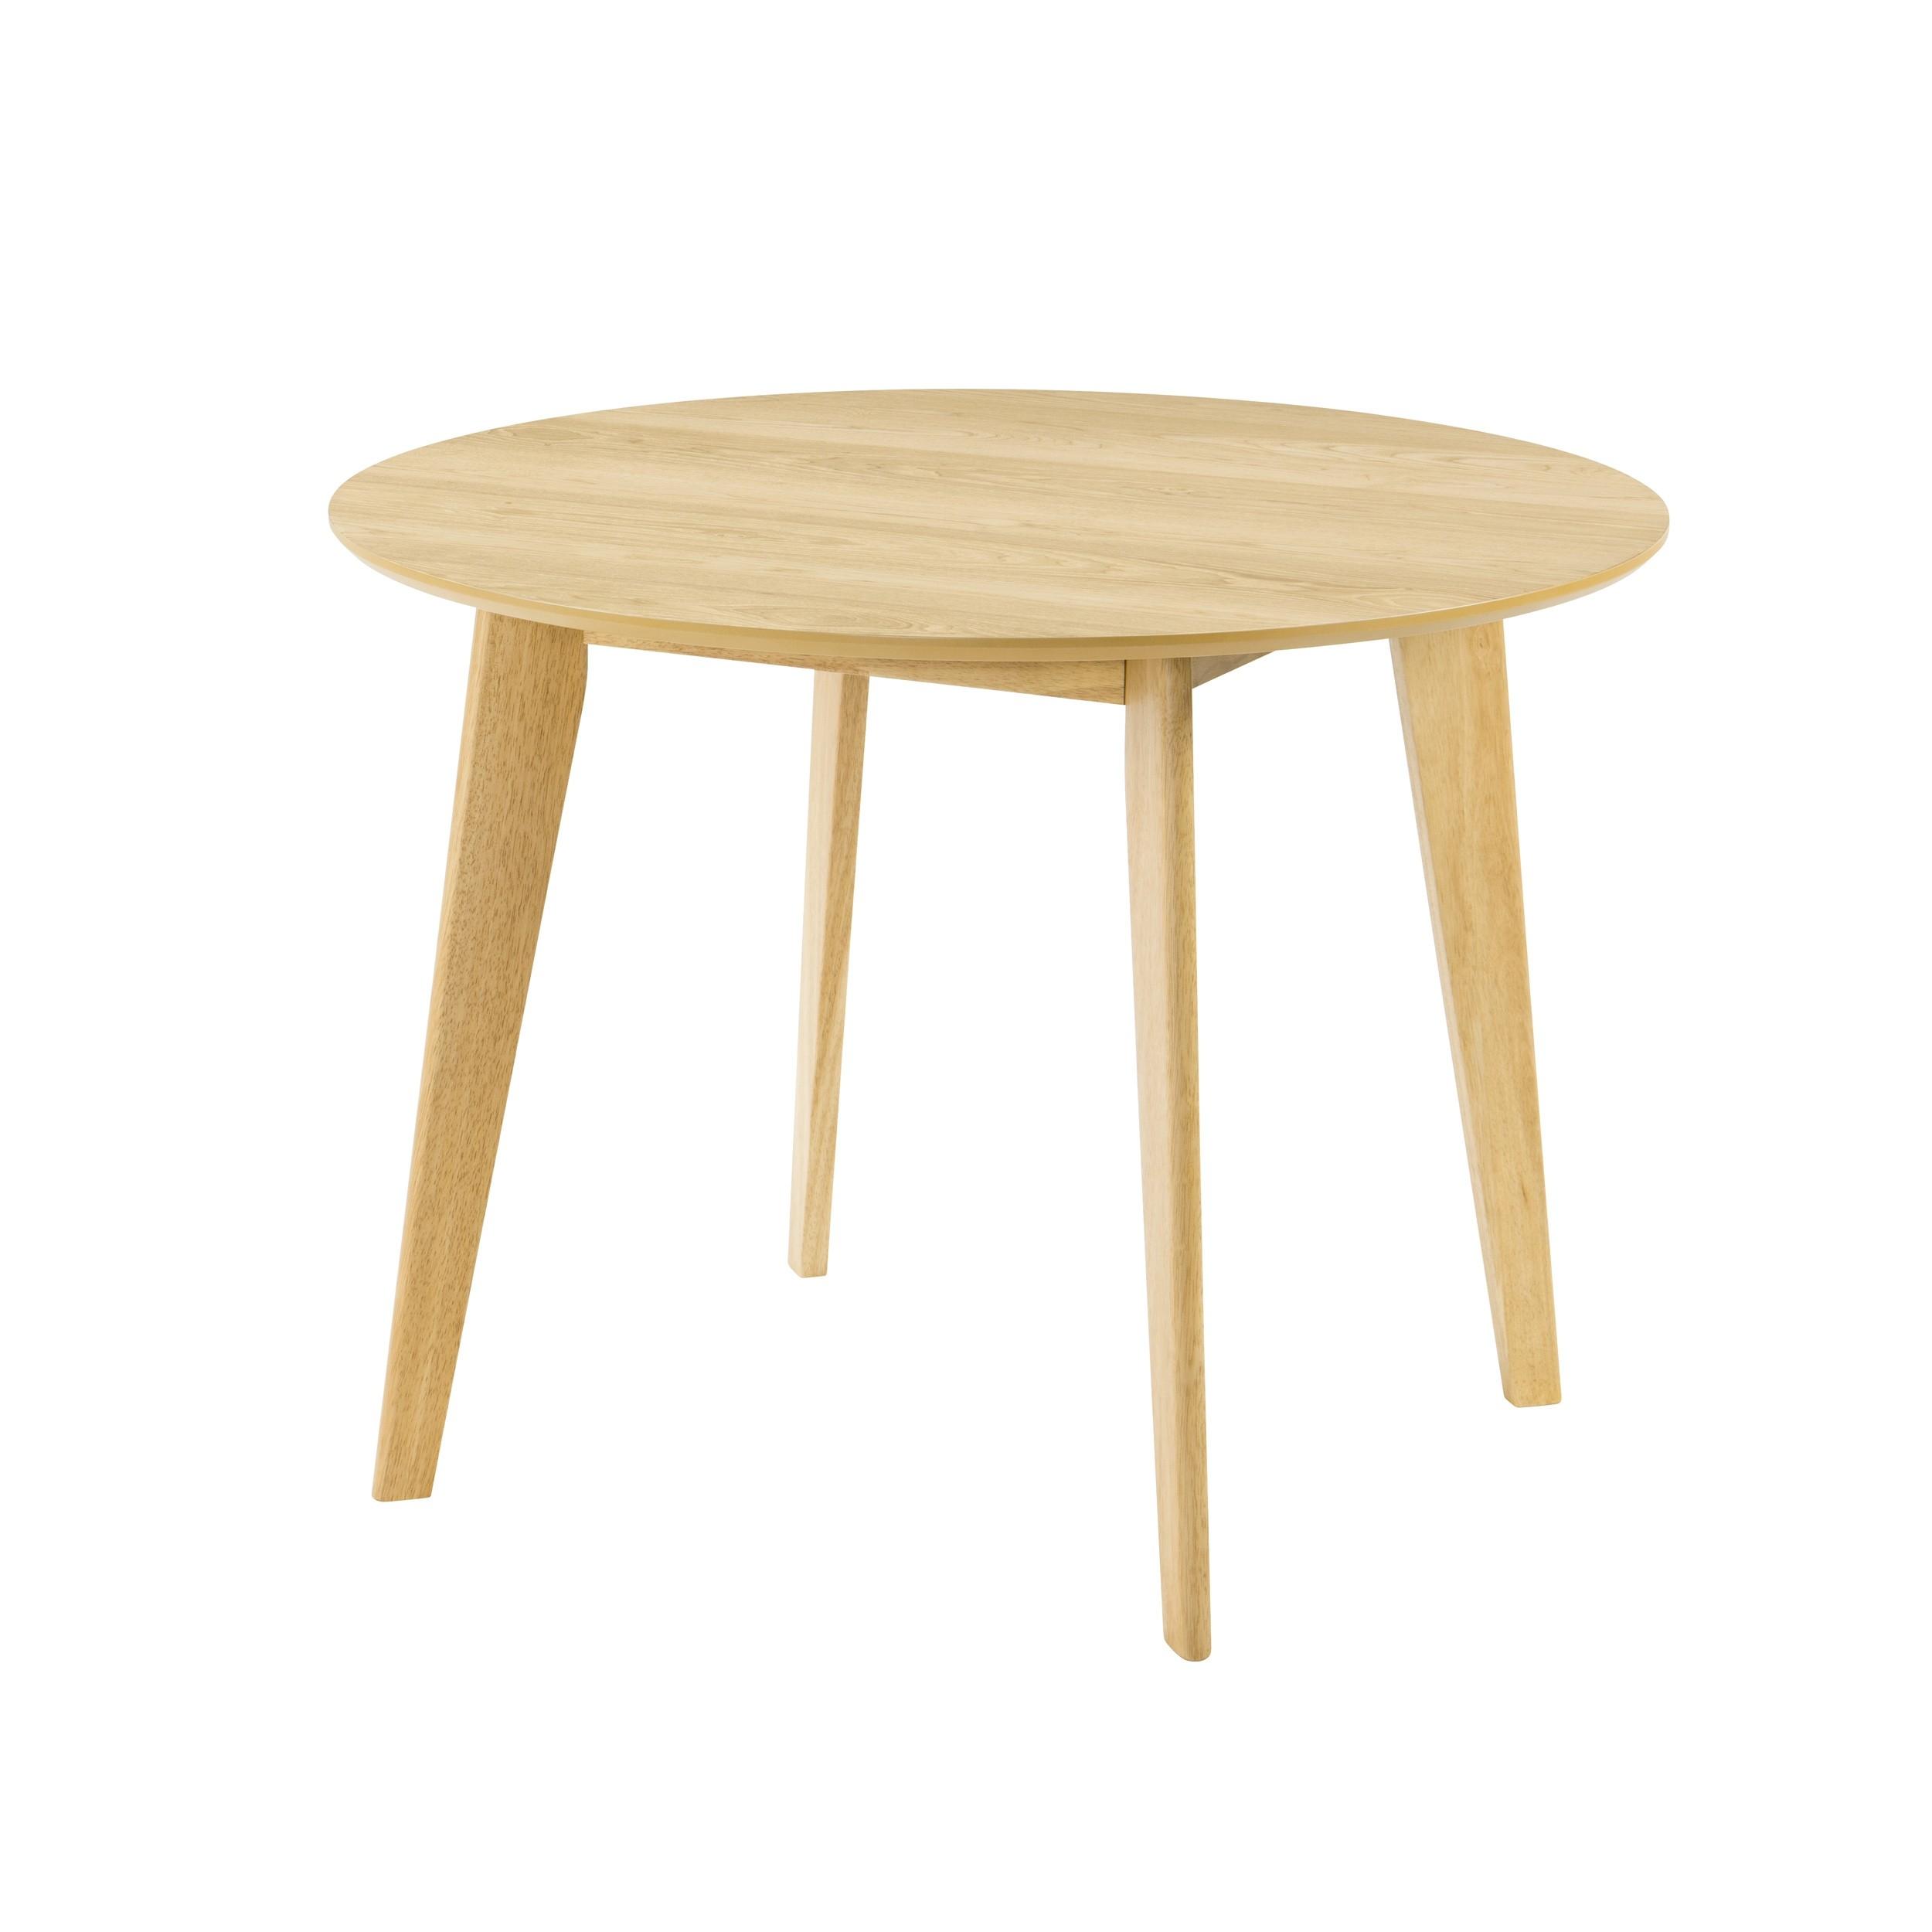 table ronde reno o100 cm en bois clair